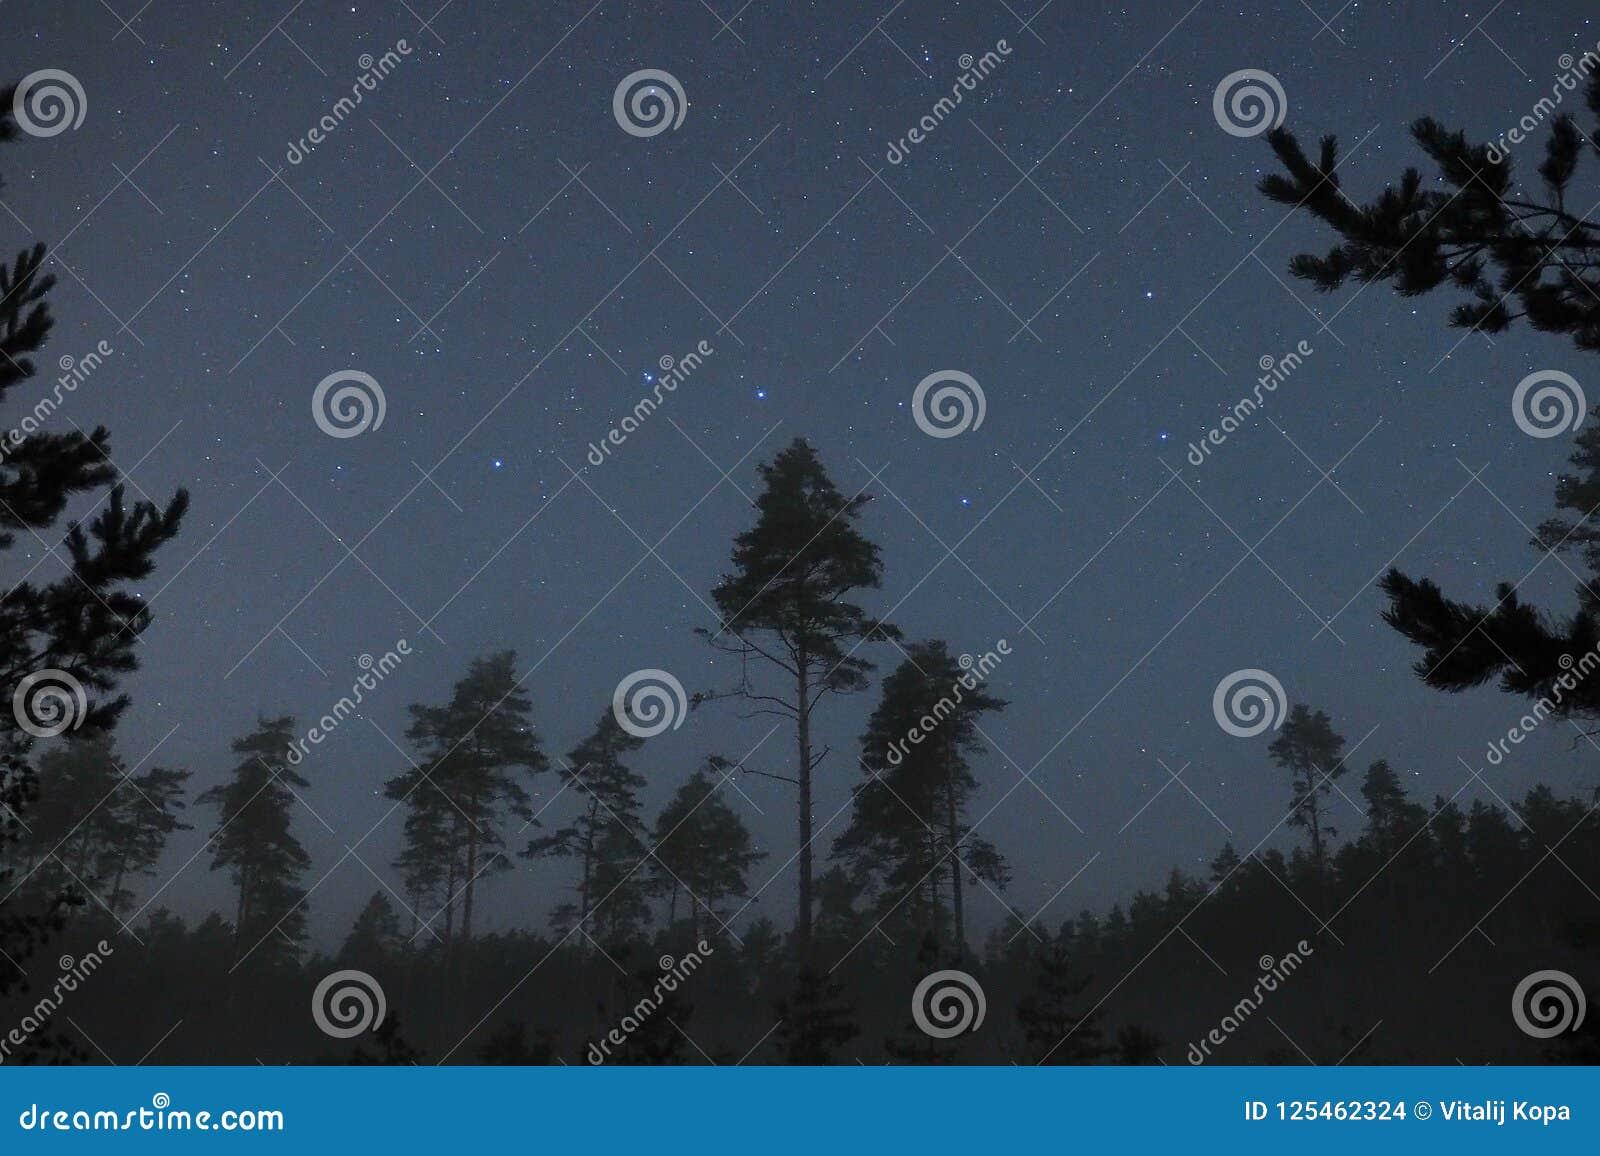 Observação da constelação das estrelas do céu noturno e do dipper grande